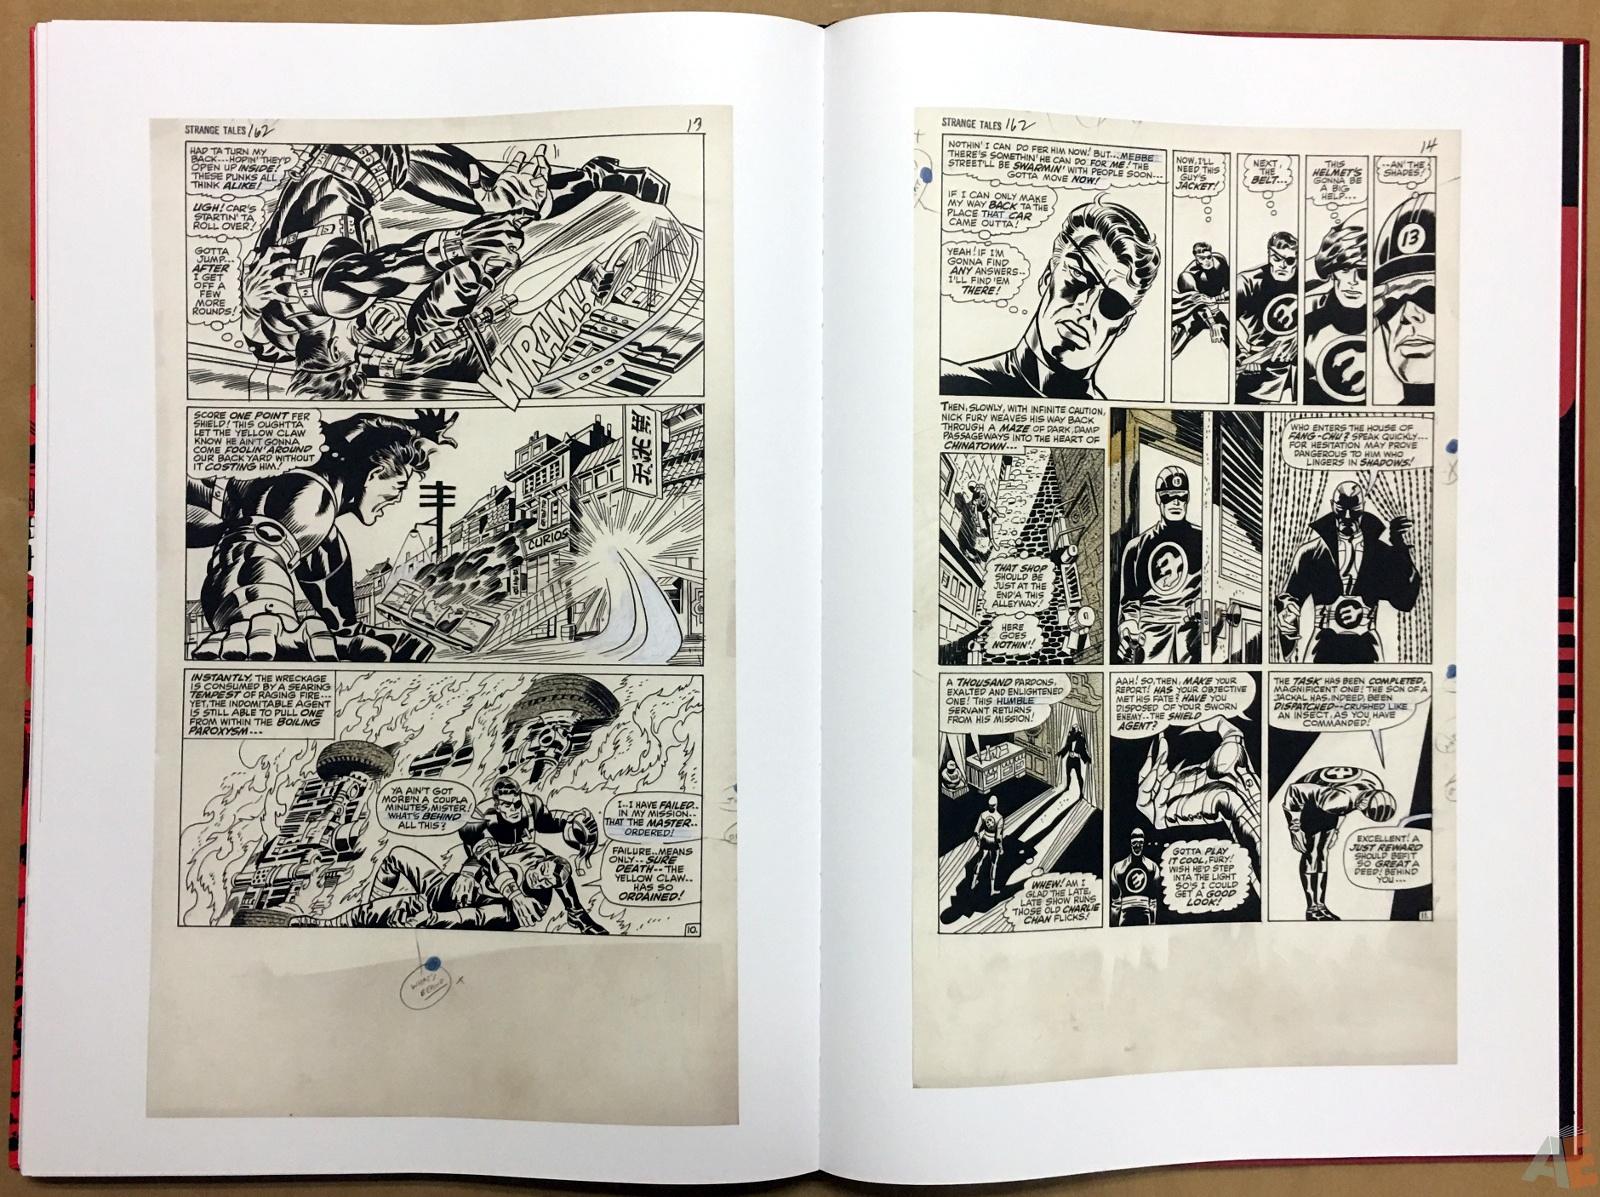 Steranko Nick Fury Agent of S.H.I.E.L.D. Artist's Edition 56